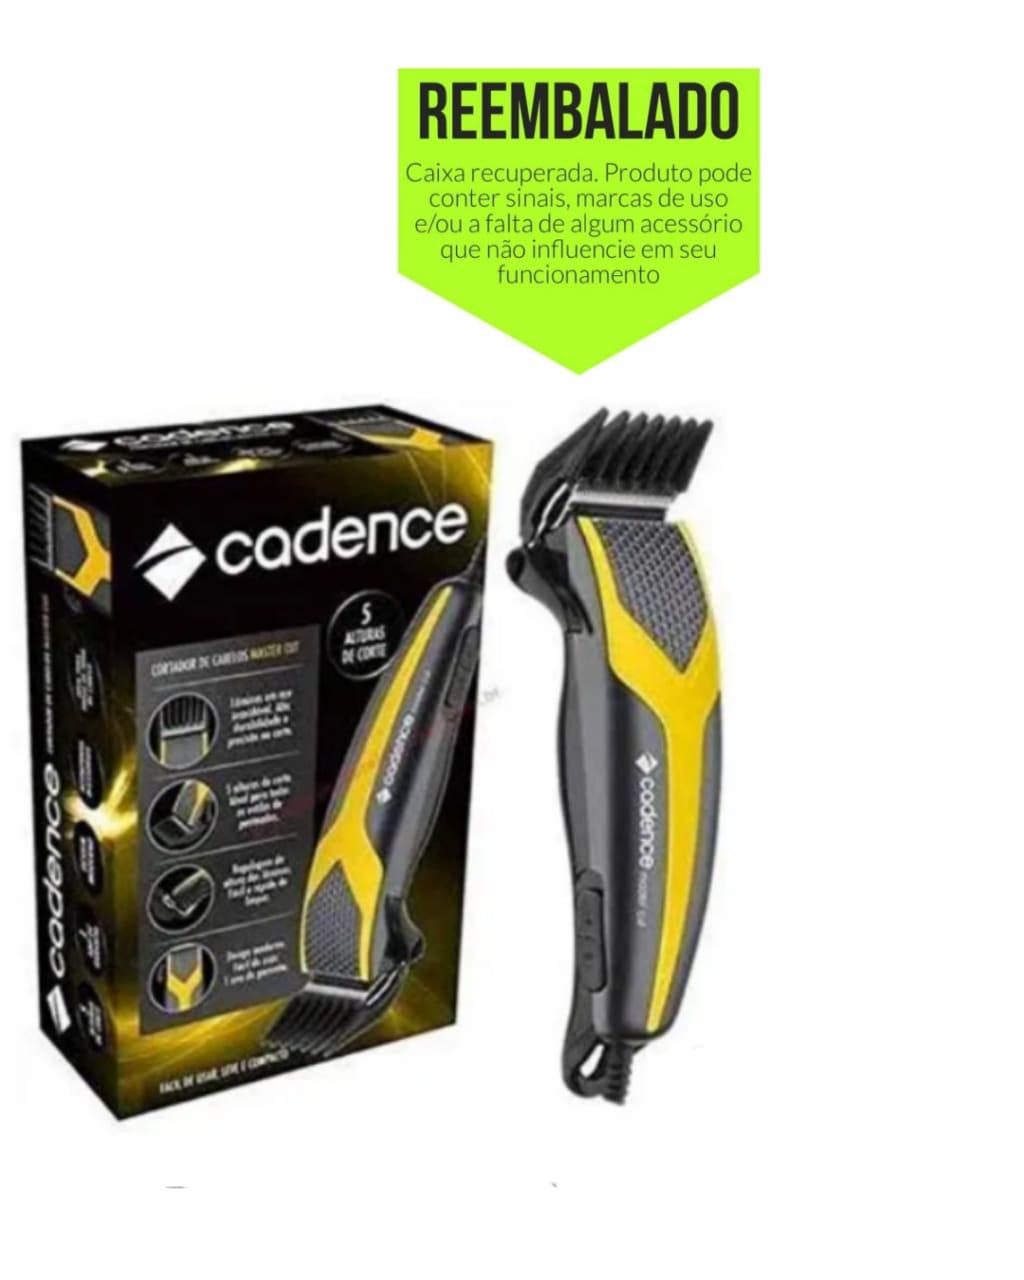 Máquina de cortar cabelo Cadence - 10w - 127v